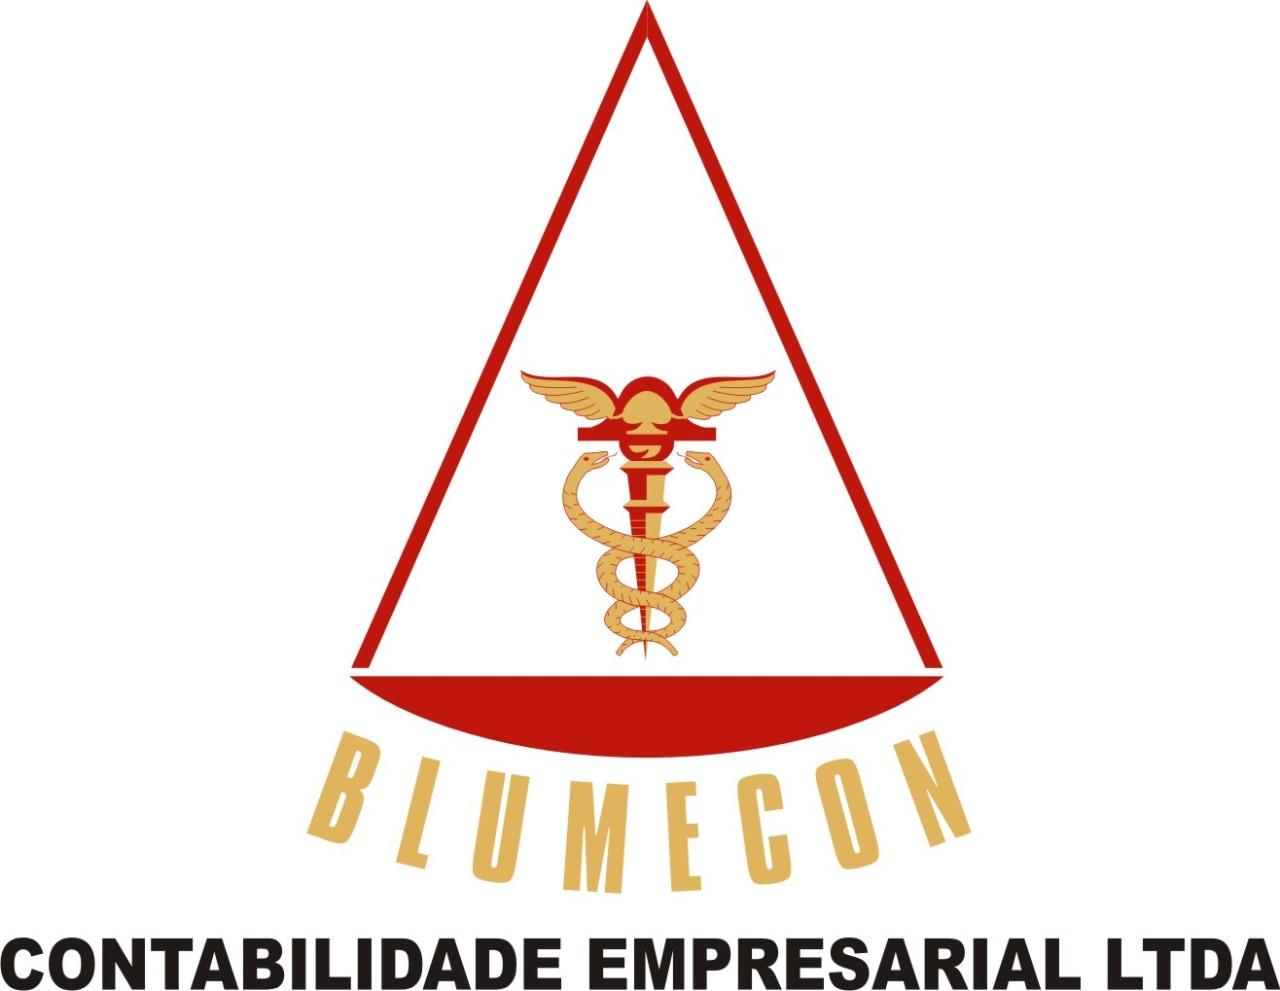 Blumecon – Contabilidade Empresarial LTDA.